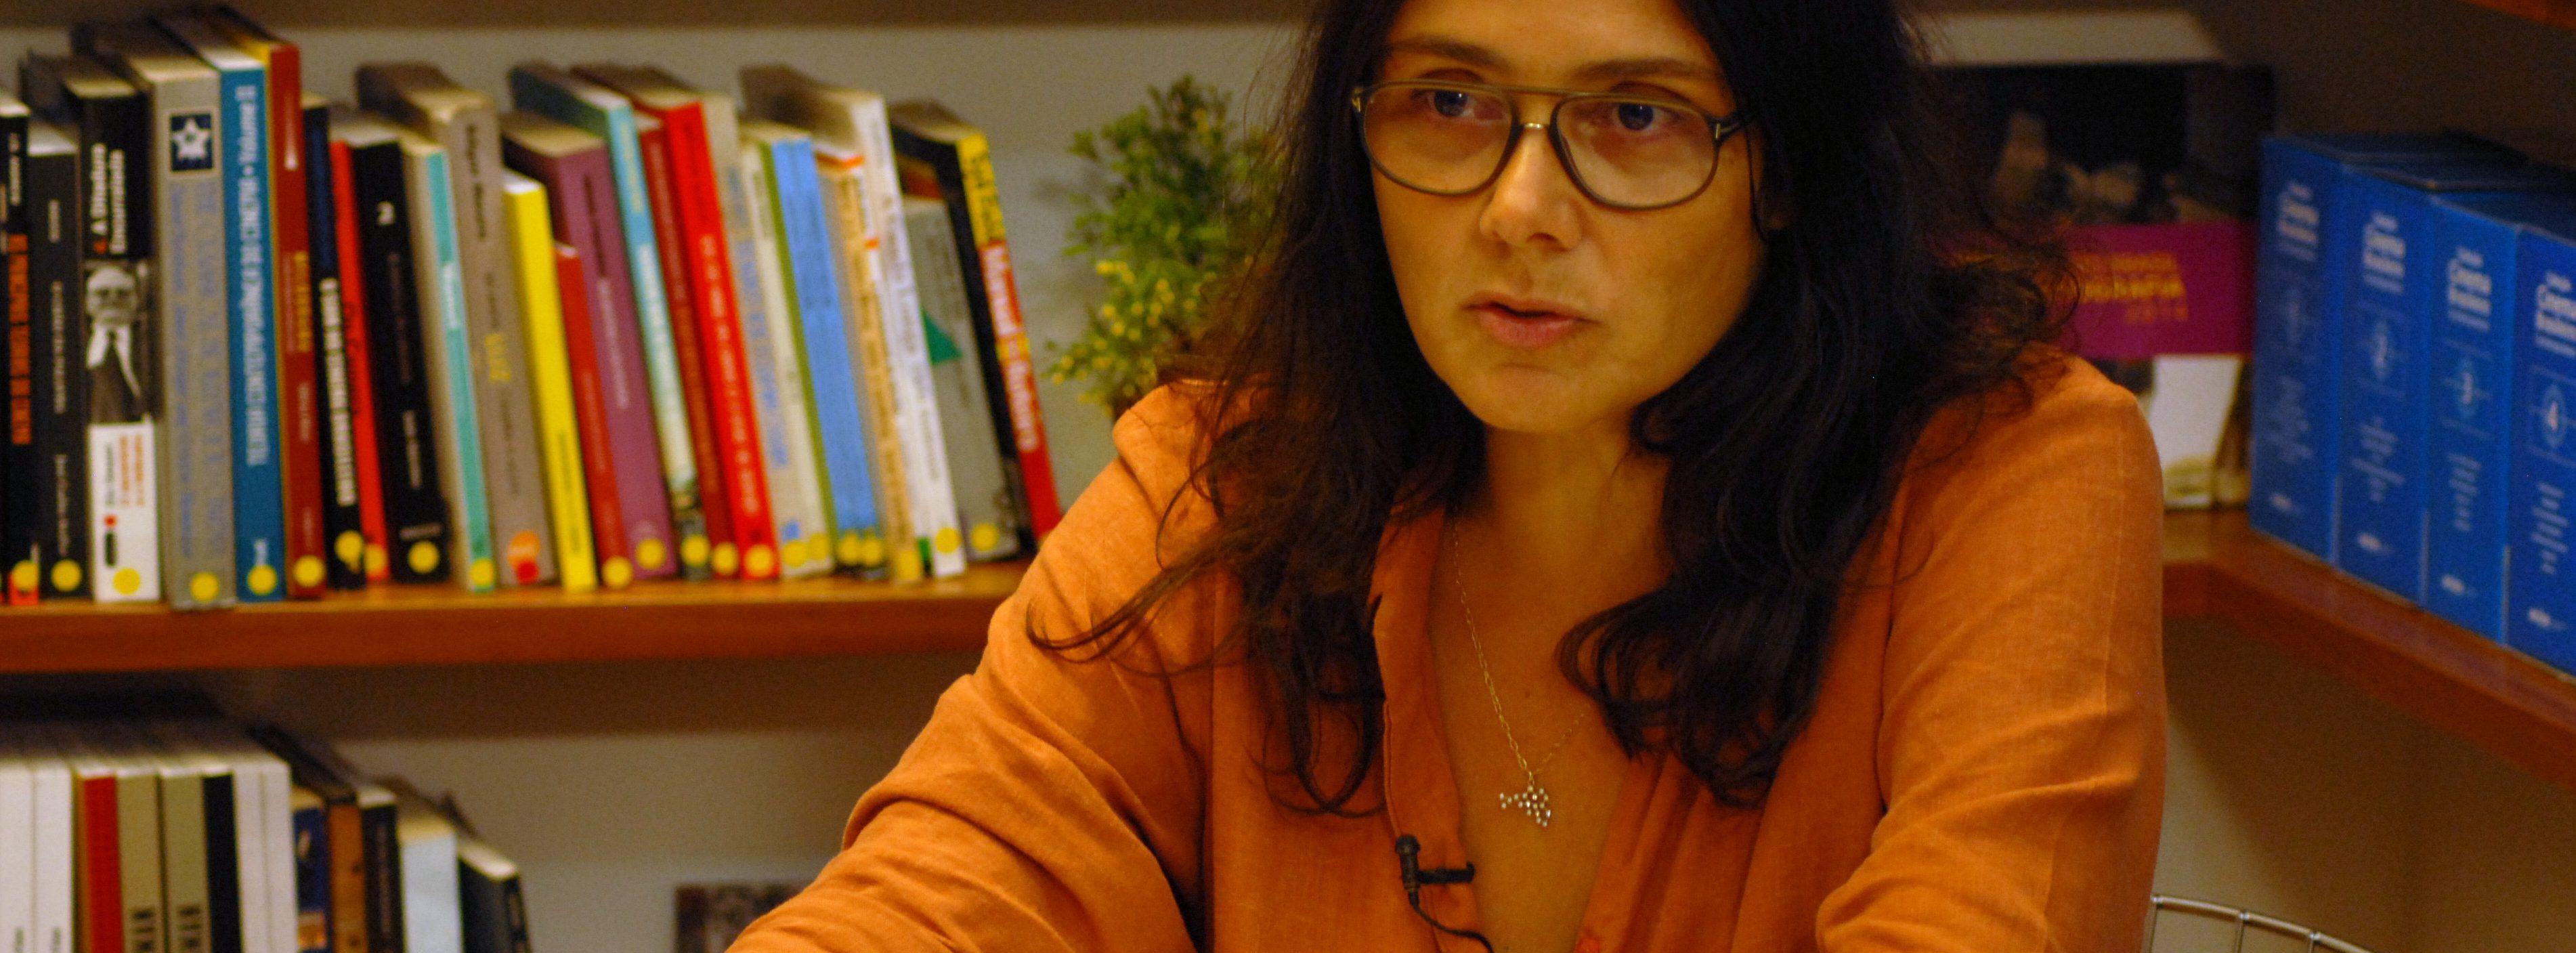 Mini kerti, diretora e sócia da Conspiração, abre a 13ª edição da Semana de Orientação no Rio de Janeiro